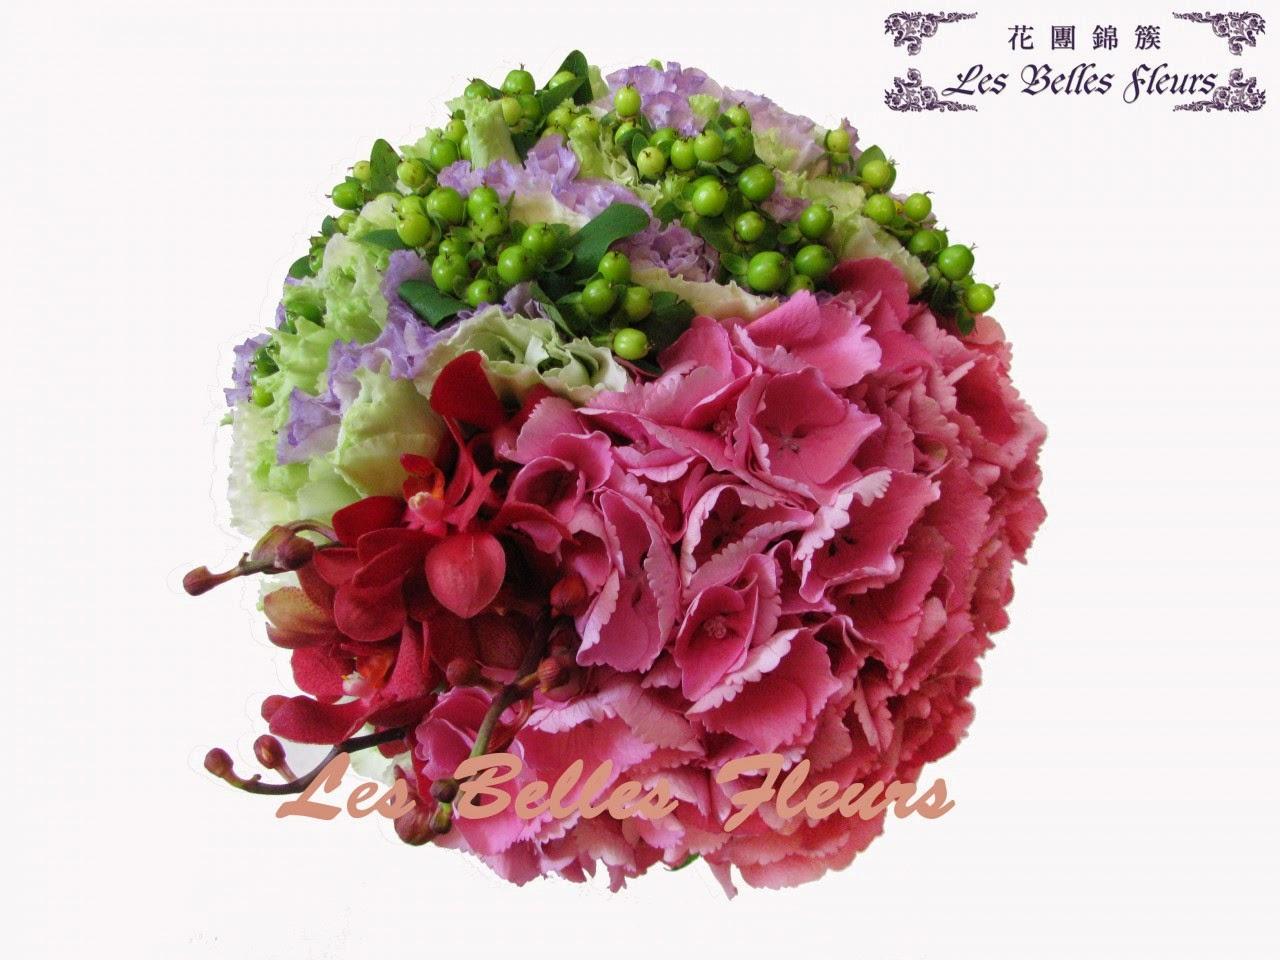 繡球花球是我最喜歡的花球